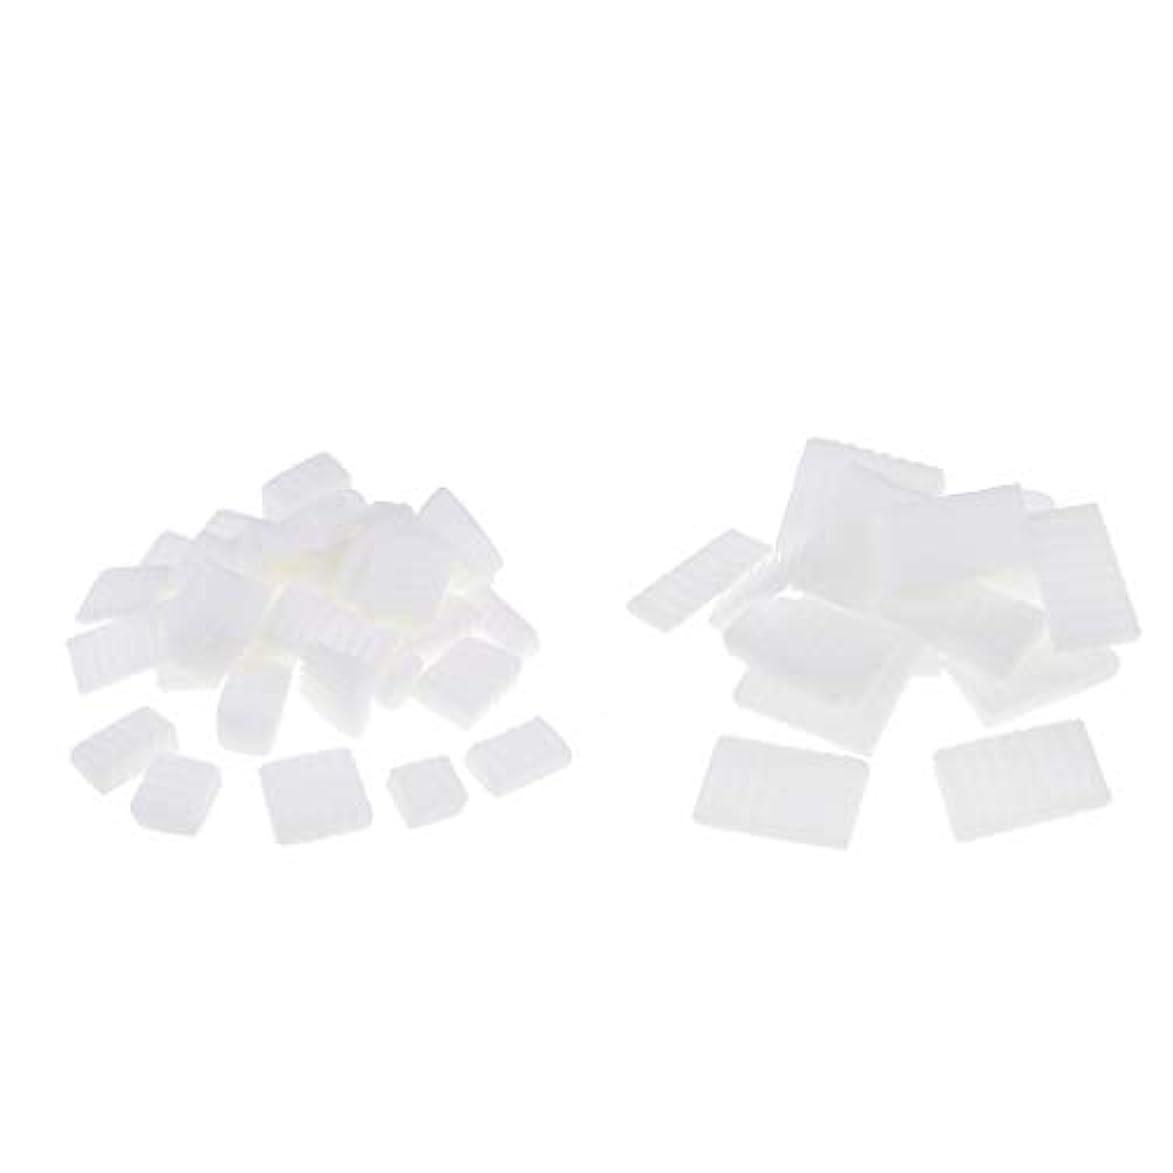 はぁ市の花広範囲に石けん素地 石鹸原料 石鹸キット材料 自由研究 小学生 夏休み 工作 白い 1500g入り